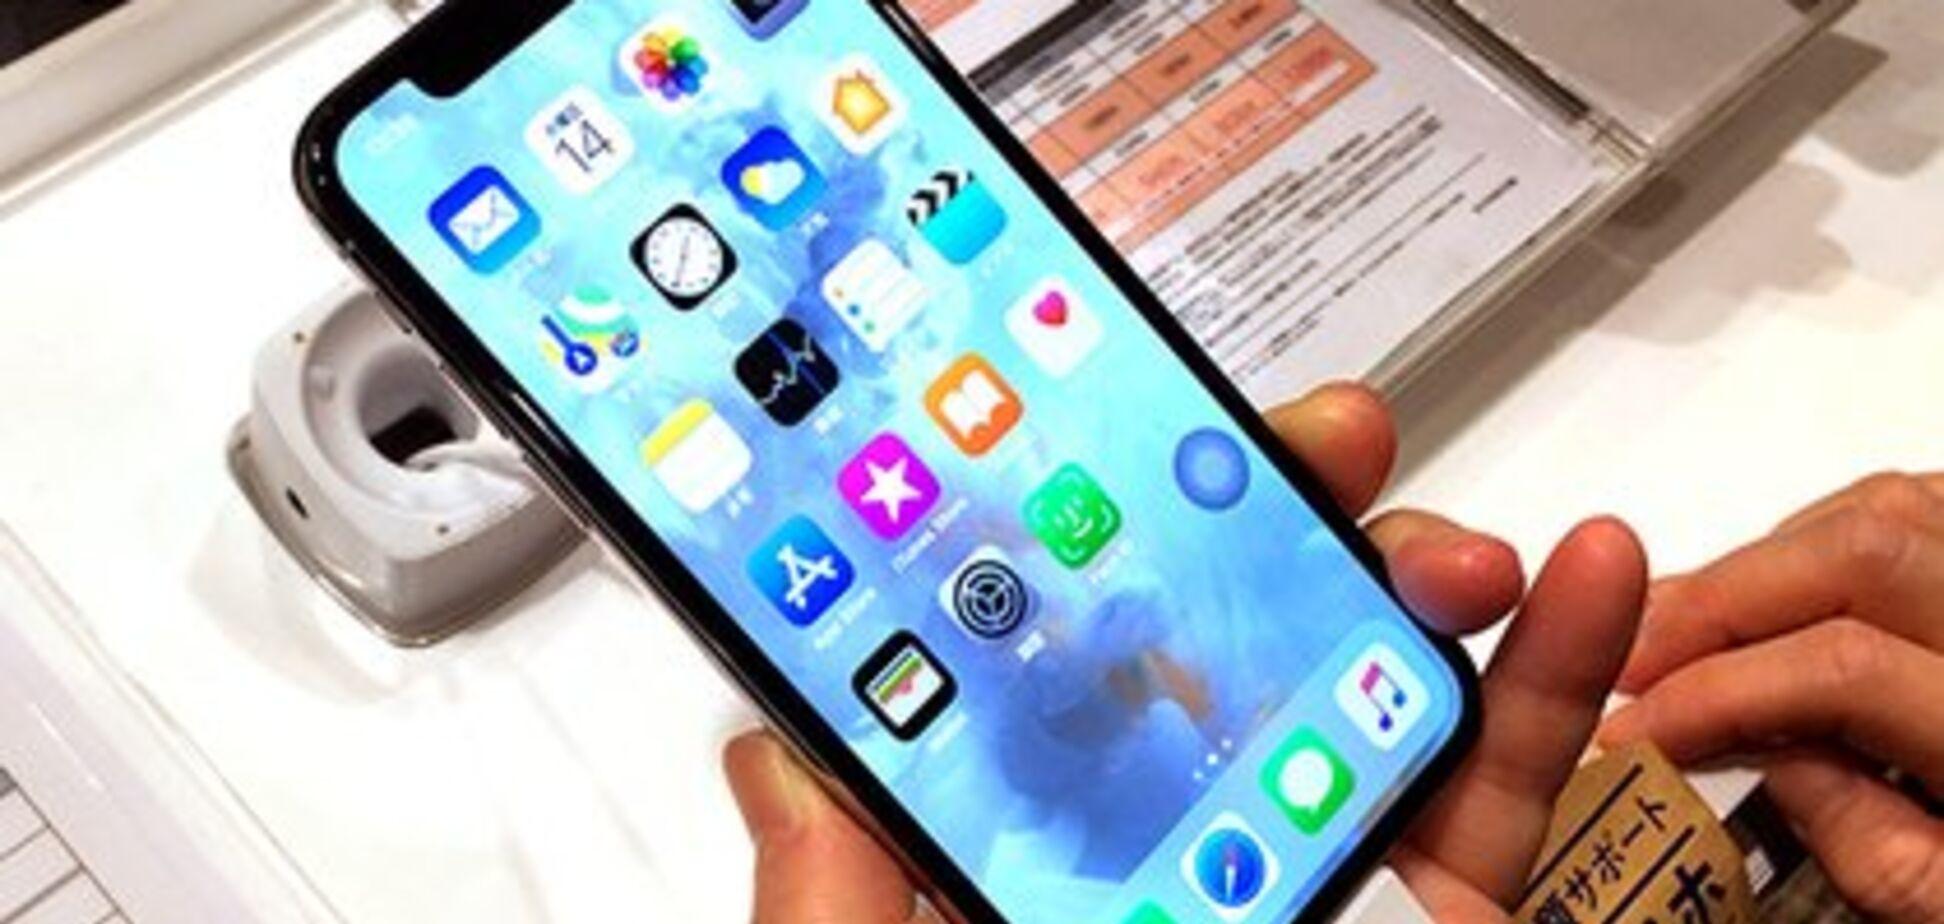 Никто не подозревал: стало известно о неожиданном вреде iPhone для женщин